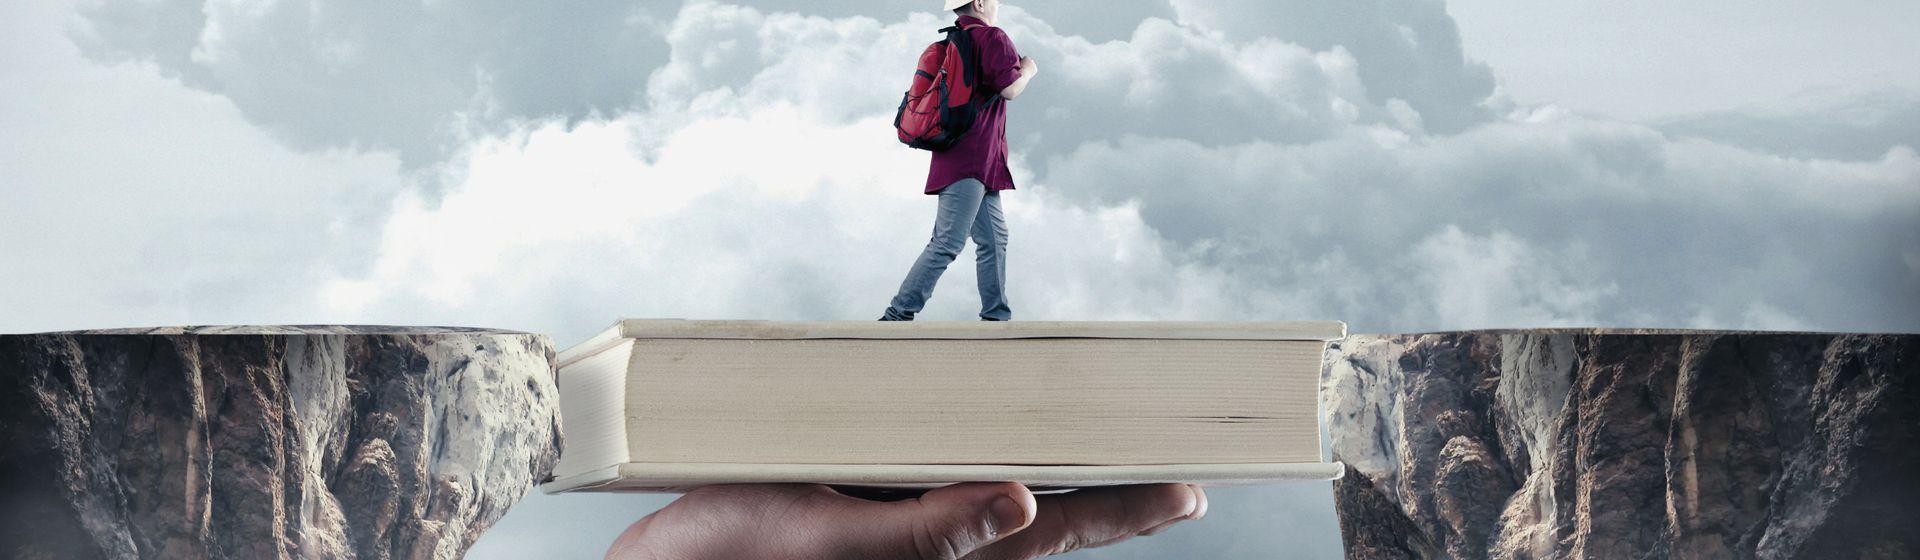 Melhores Livros de Autoajuda Para Desenvolvimento Pessoal em 2020